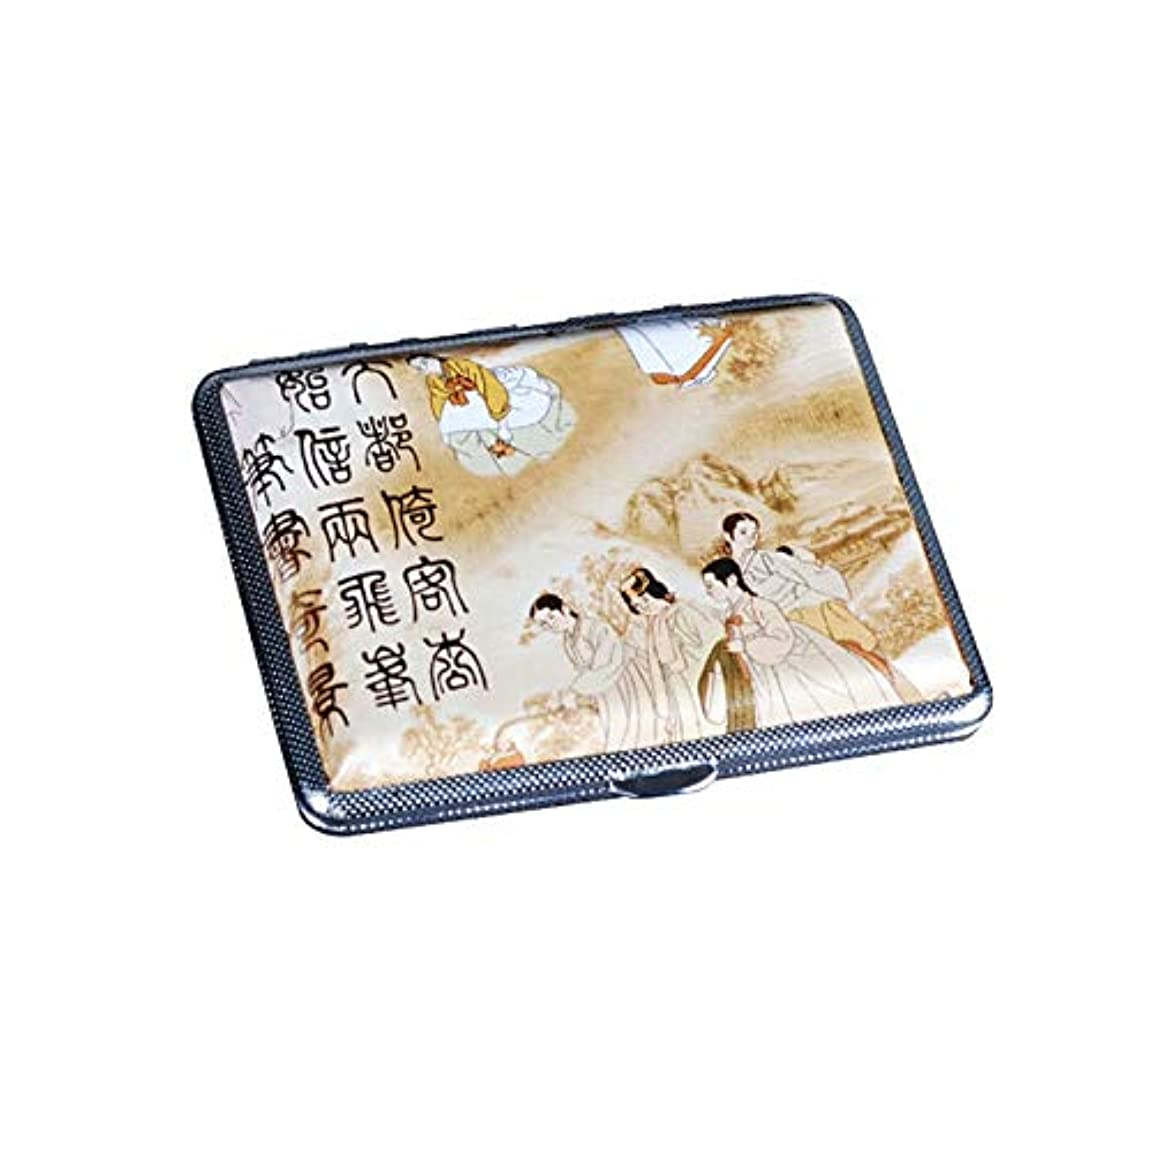 ブルゴーニュ改修図書館8HAOWENJU シガレットボックス、自動ビジネス統合、メンズクリエイティブレザーシガレットケース、14/16/18スティック、高品質 最新モデル (Size : 18 sticks)